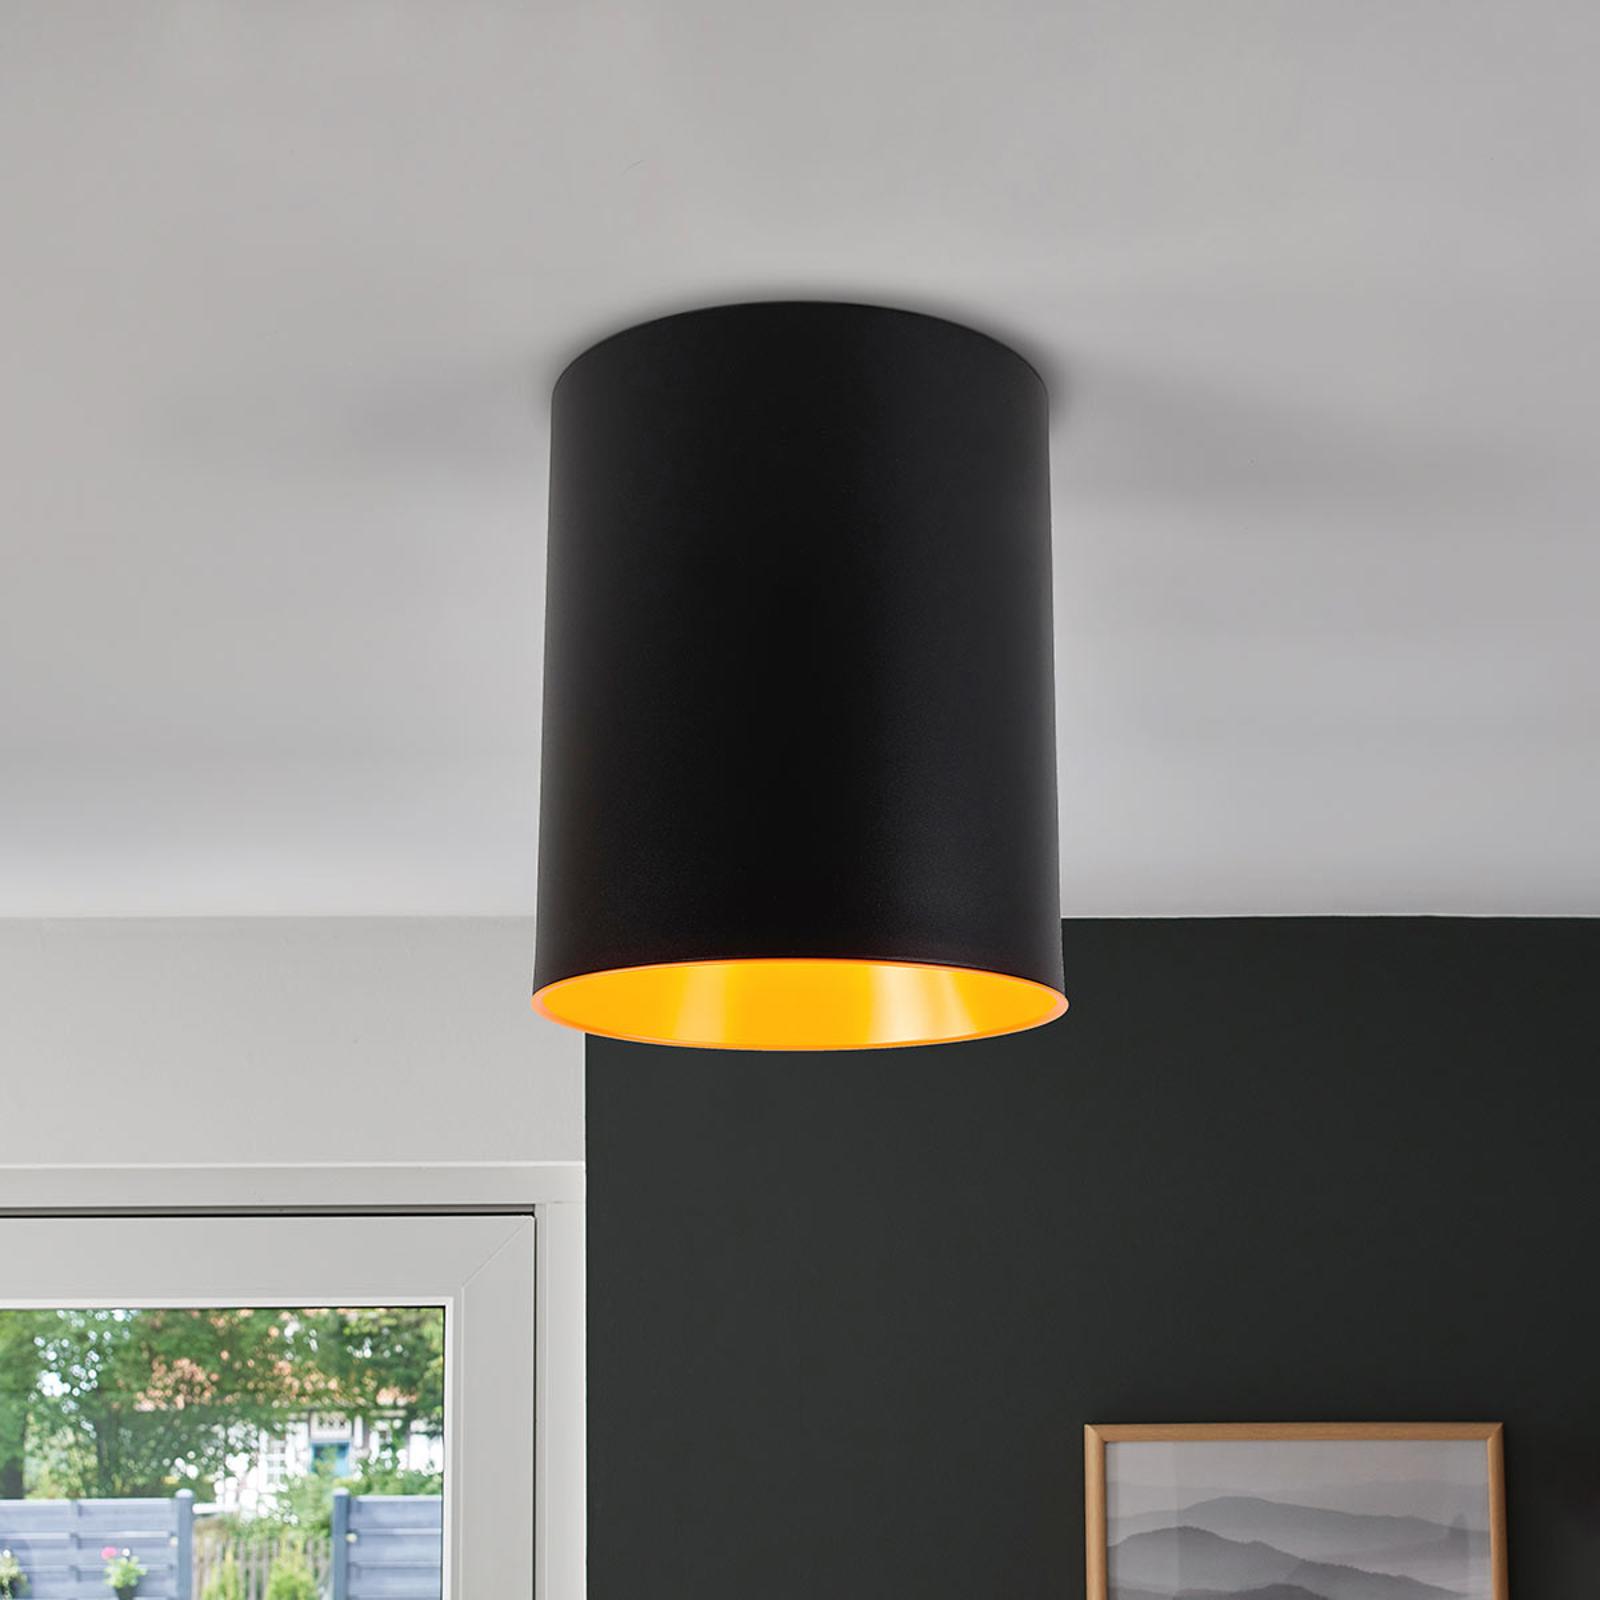 Designer LED loftlampe Tagora i cylindrisk form